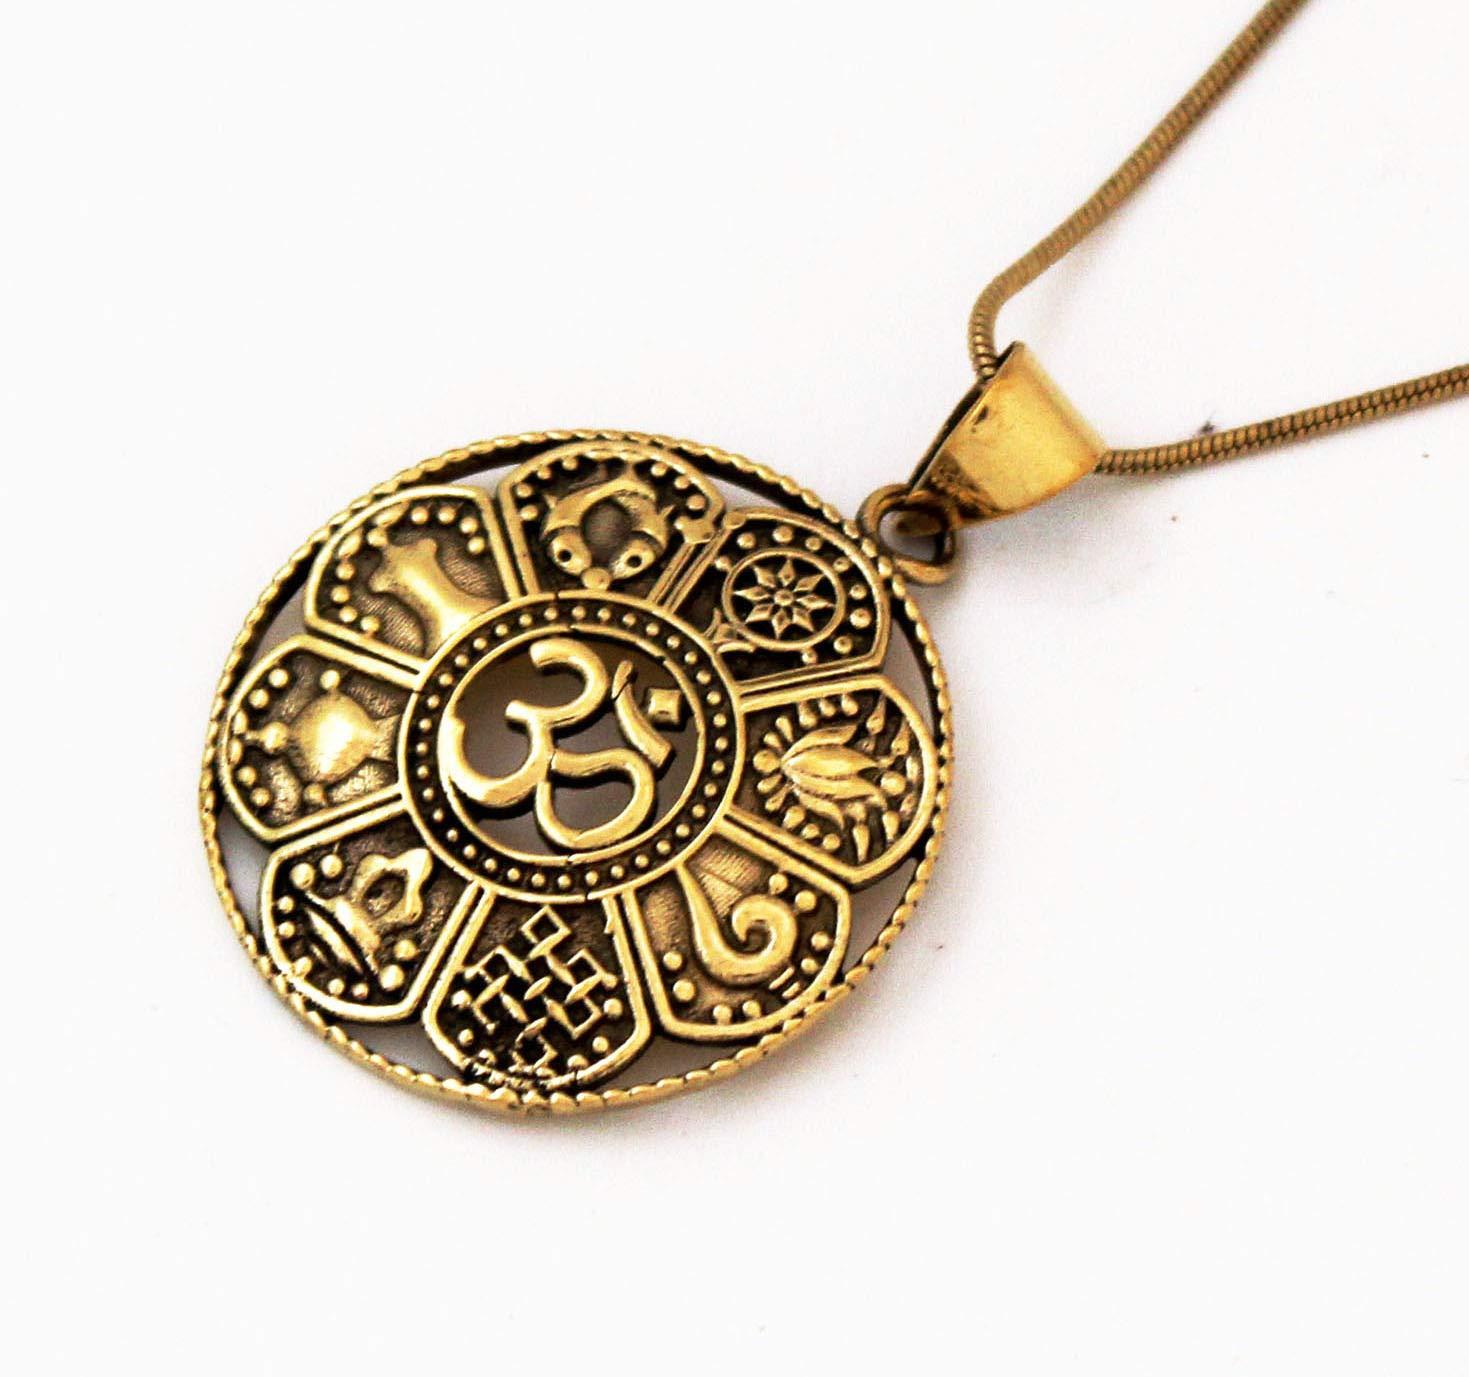 Brass Jewellery. Indian Jewellery Gypsy Necklace Boho Pendant Tribal Brass Pendant Tribal Necklace Boho Jewellery Brass Necklace